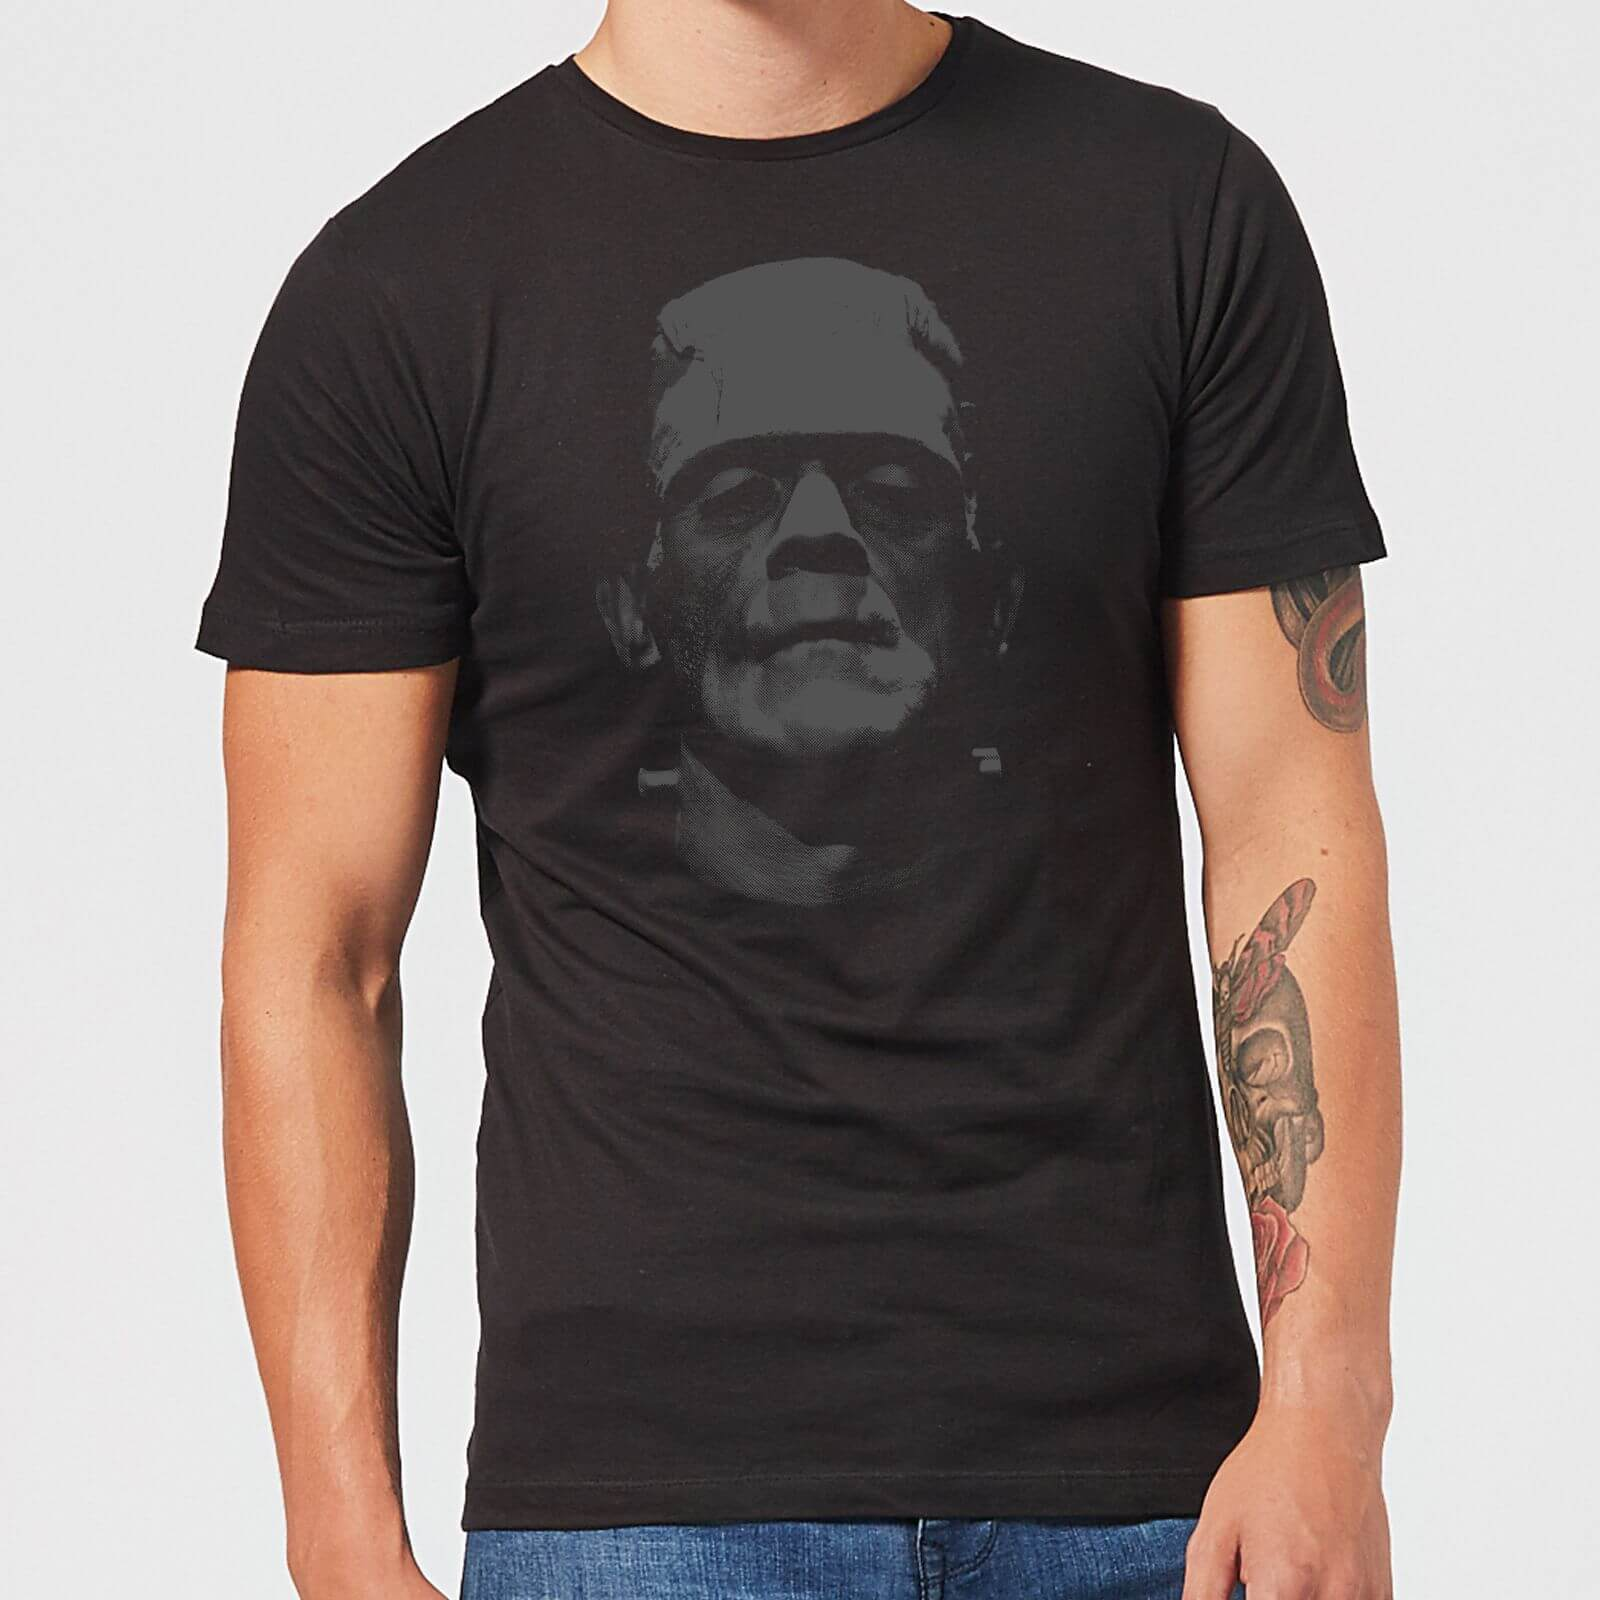 Universal Monsters Frankenstein Black and White Men's T-Shirt - Black - S - Black